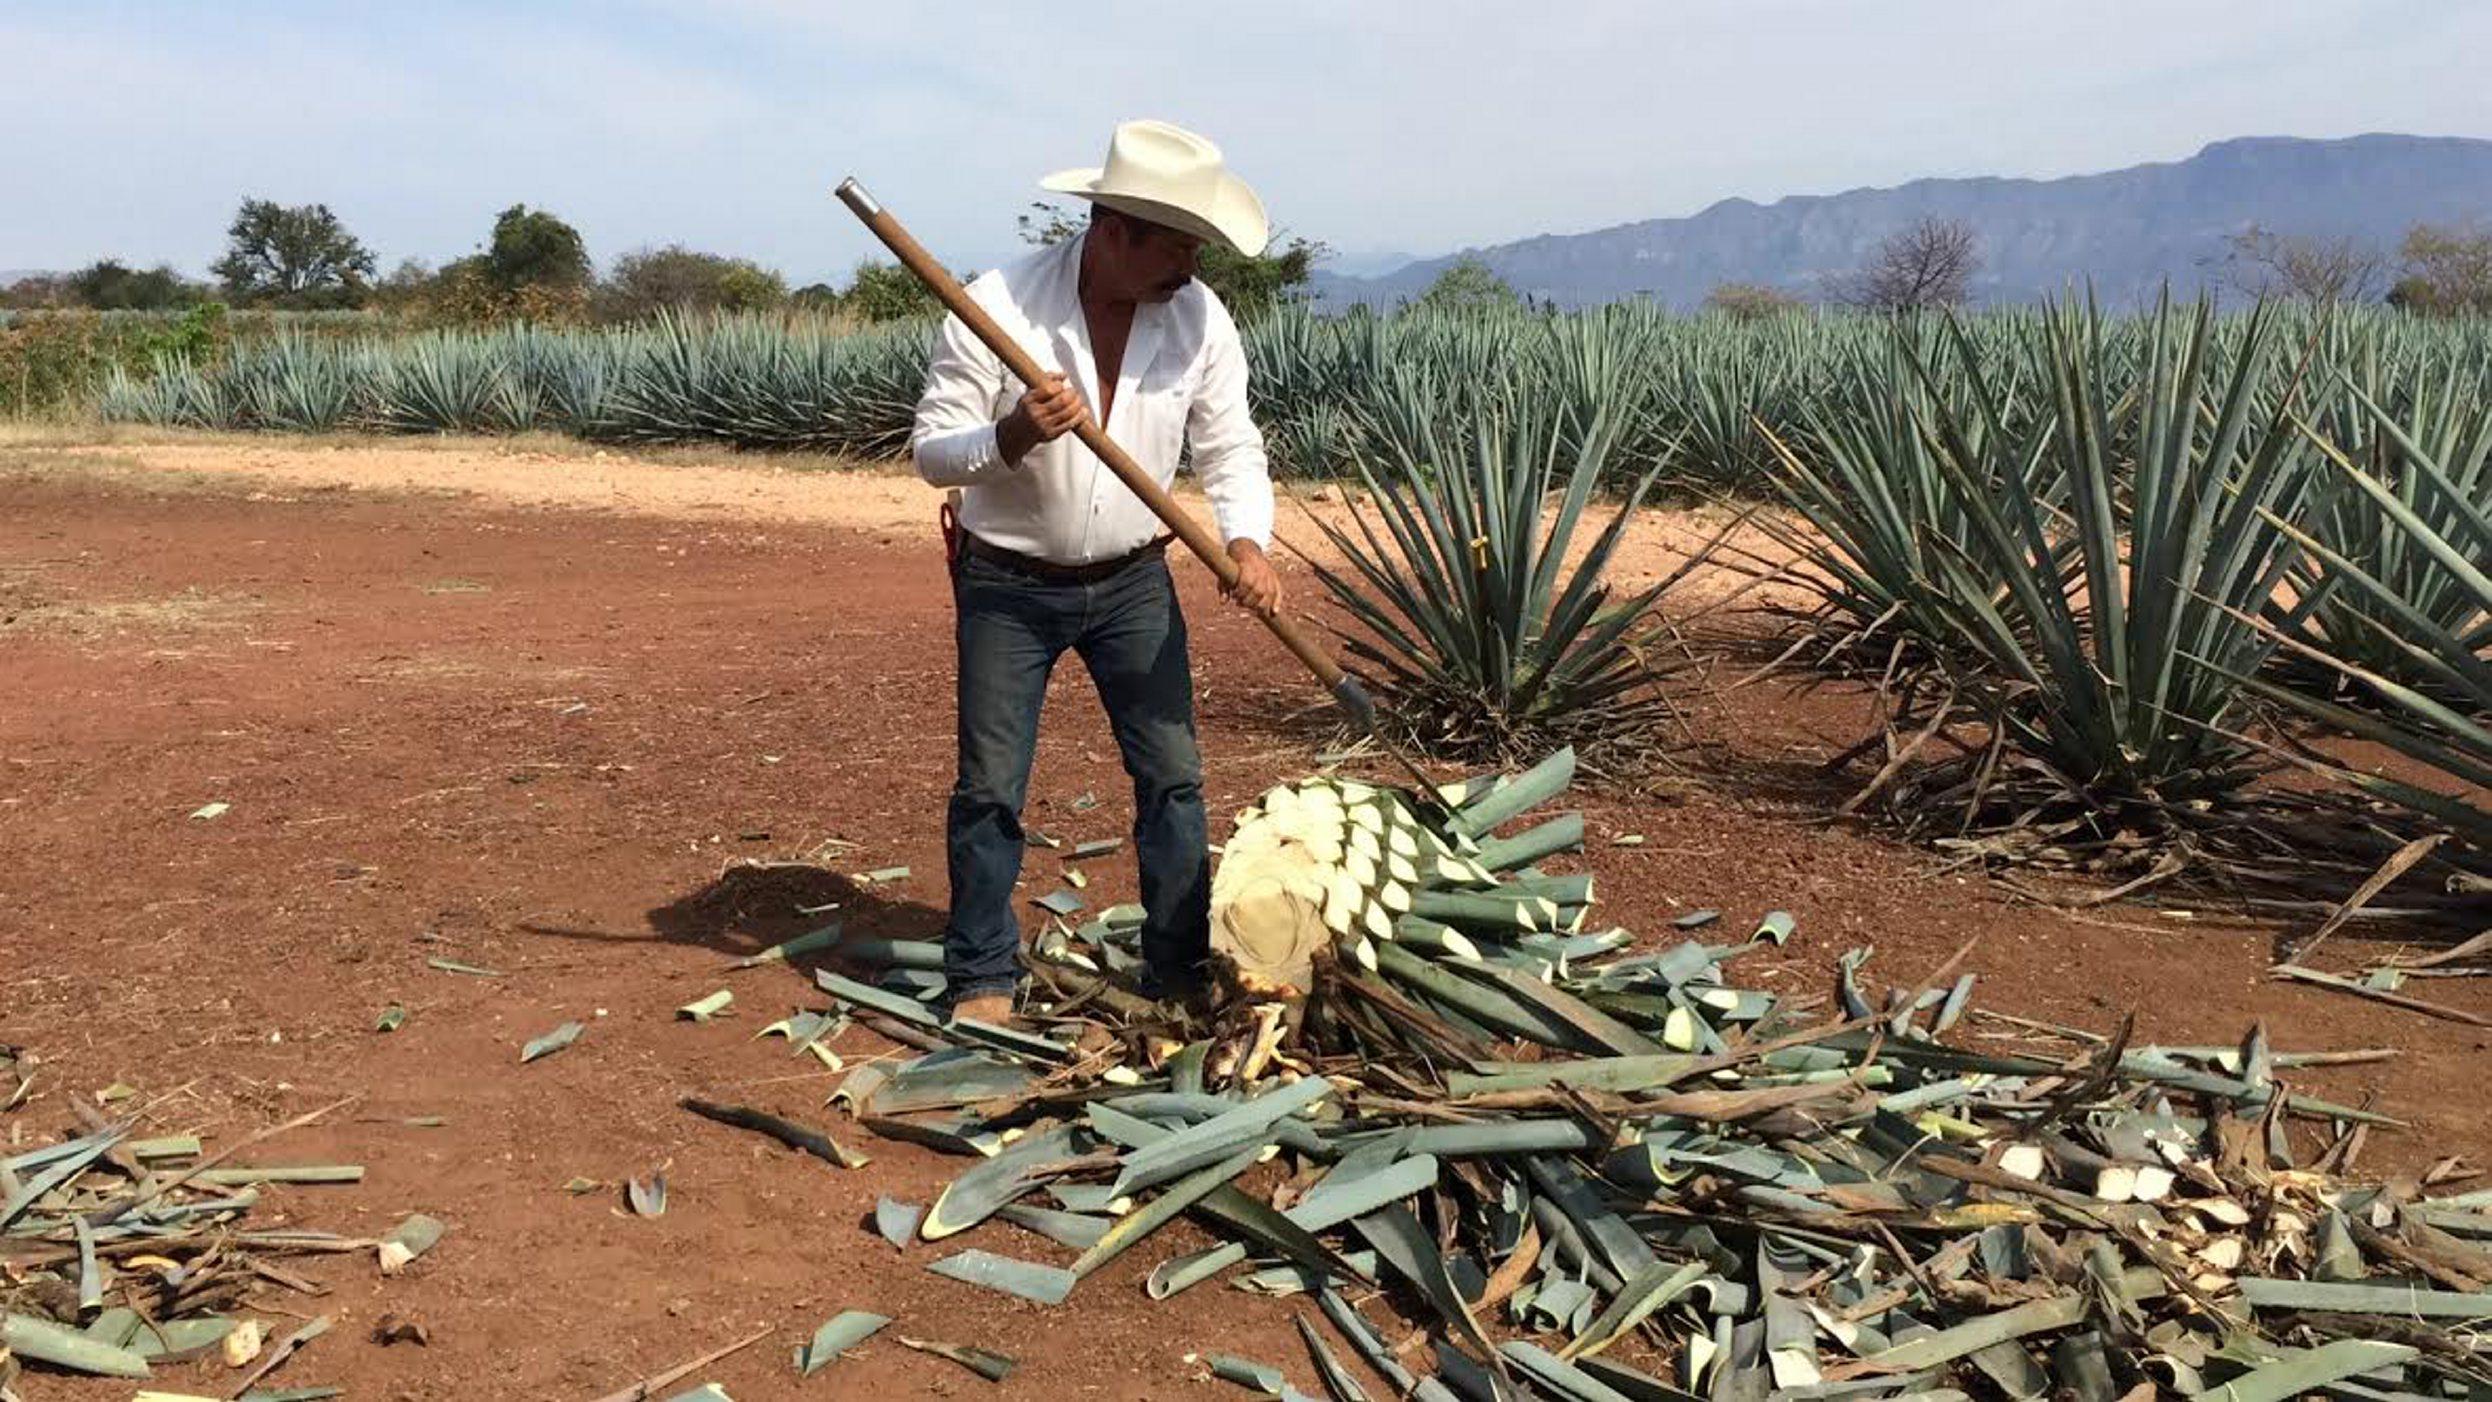 Kokain vagy tequila: melyik ártalmasabb?